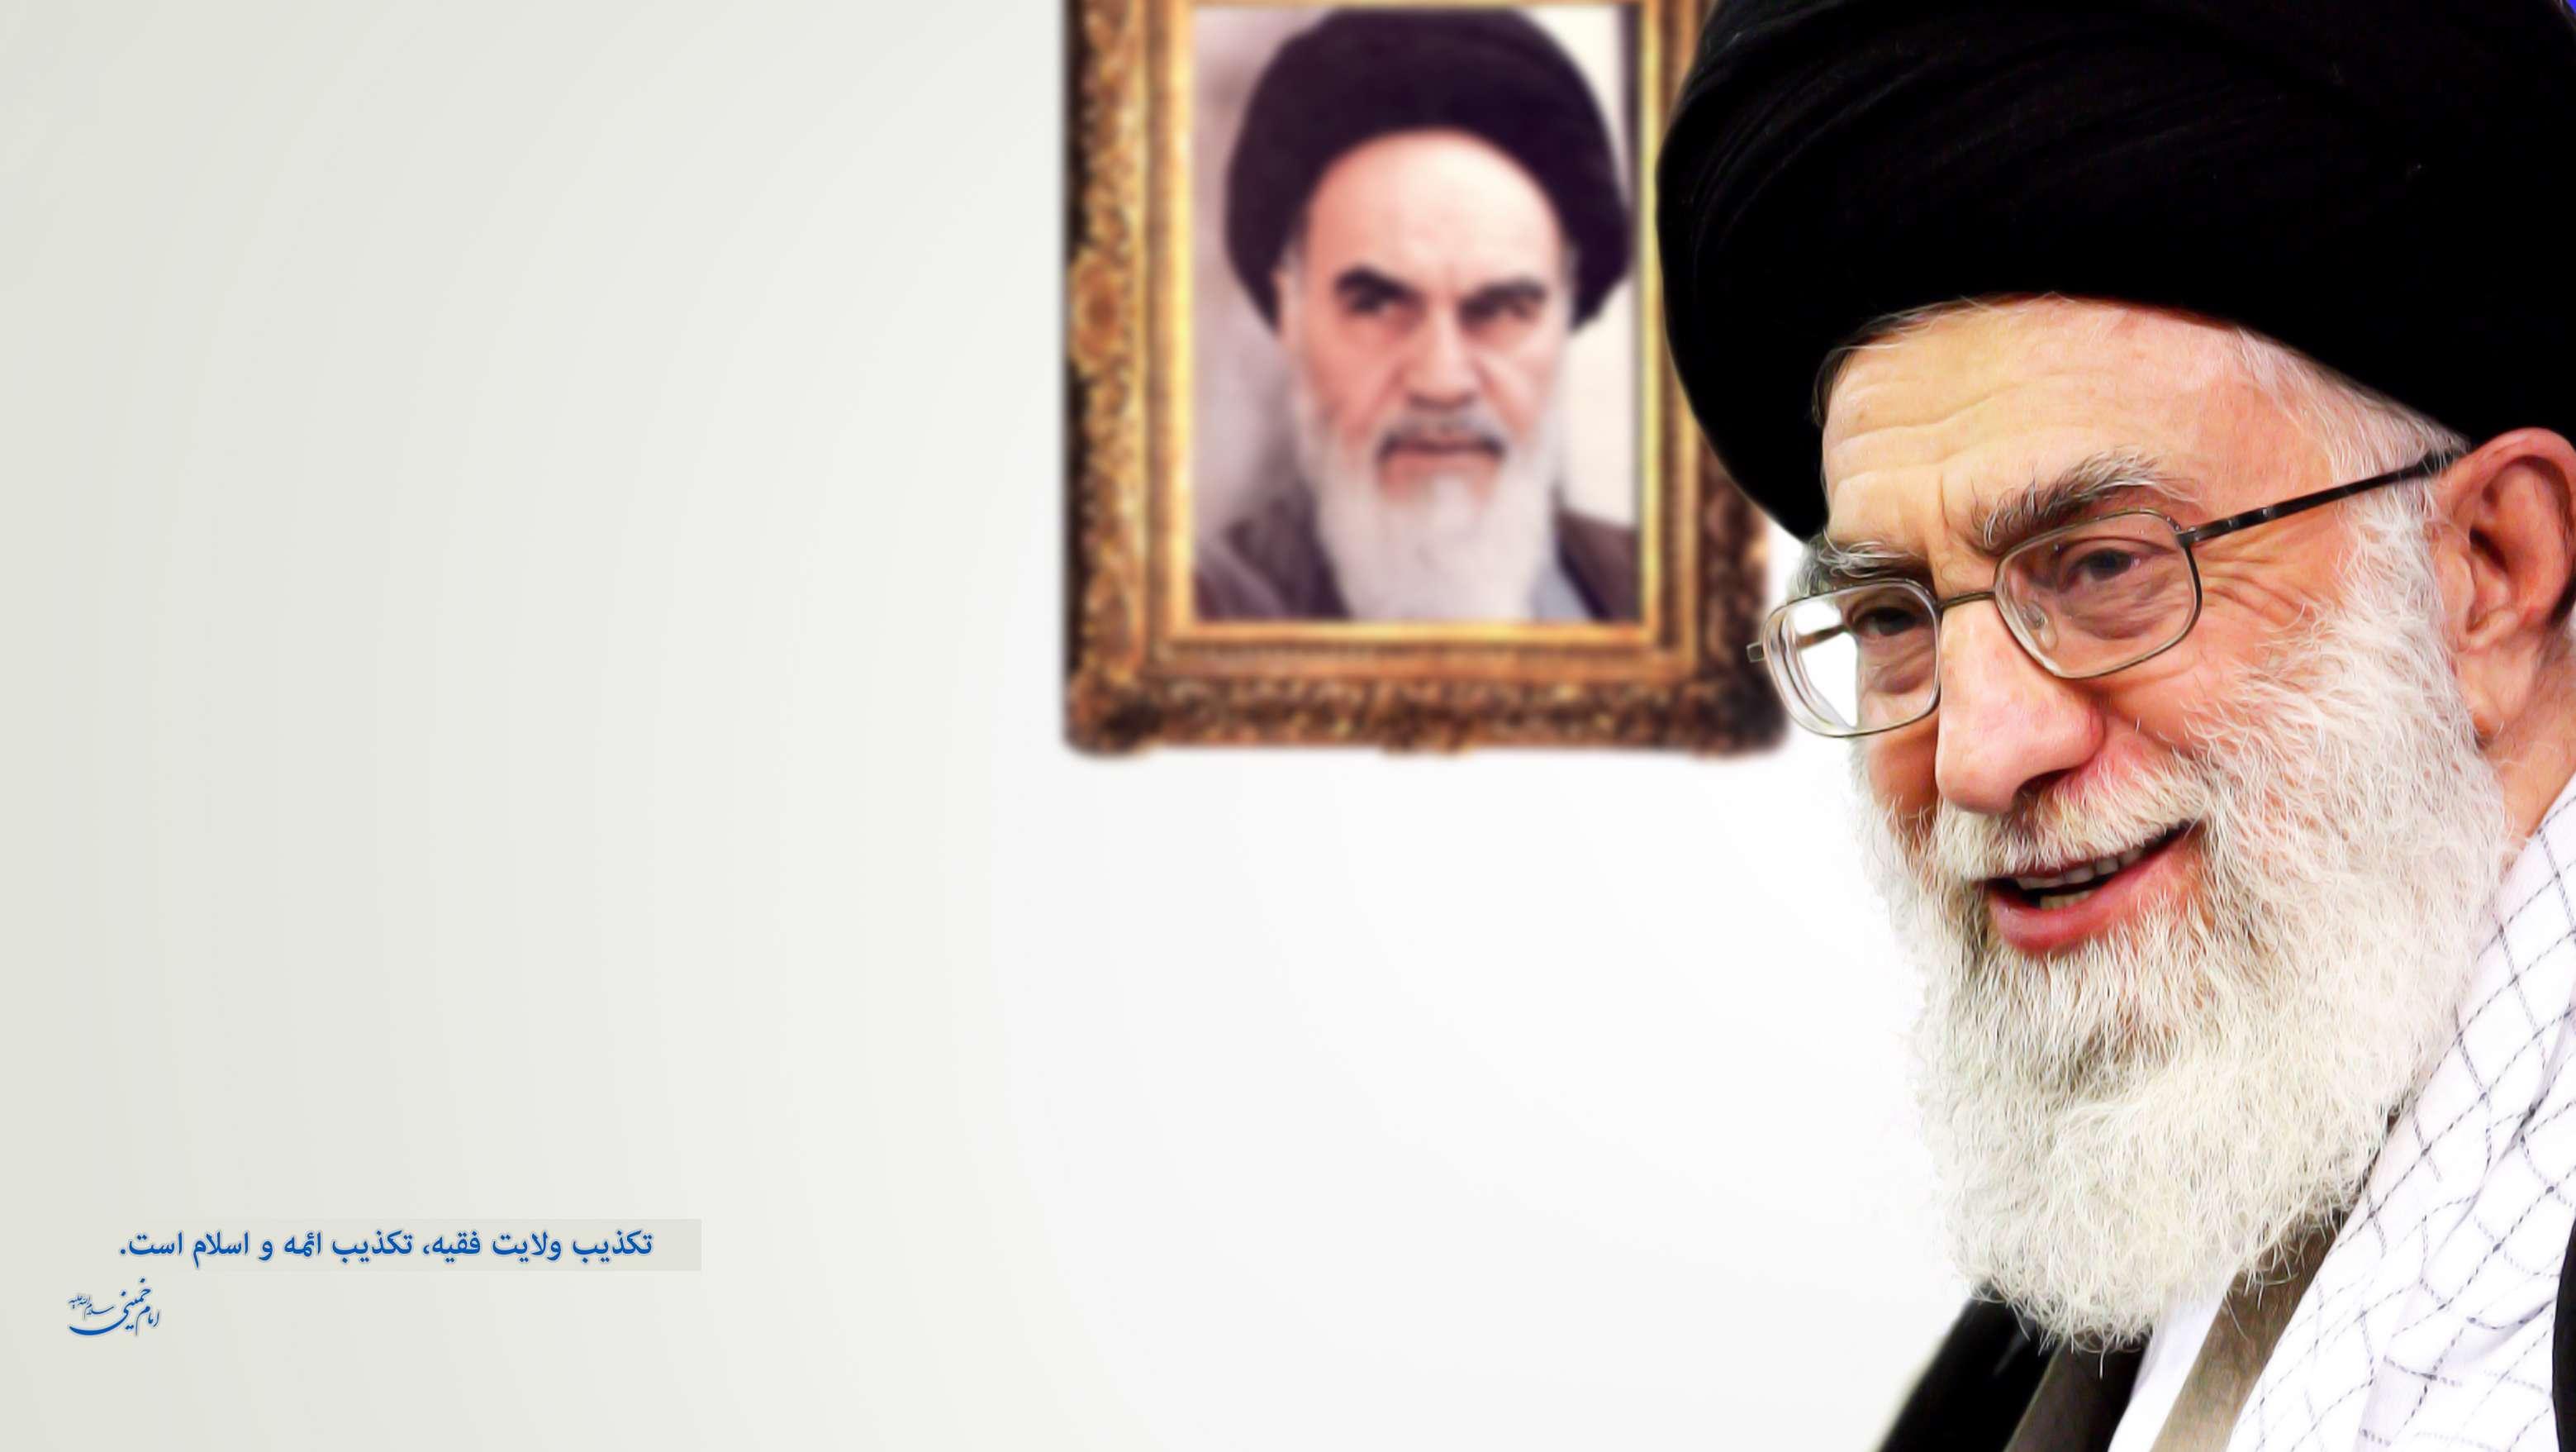 عکس رهبر و امام خمینی